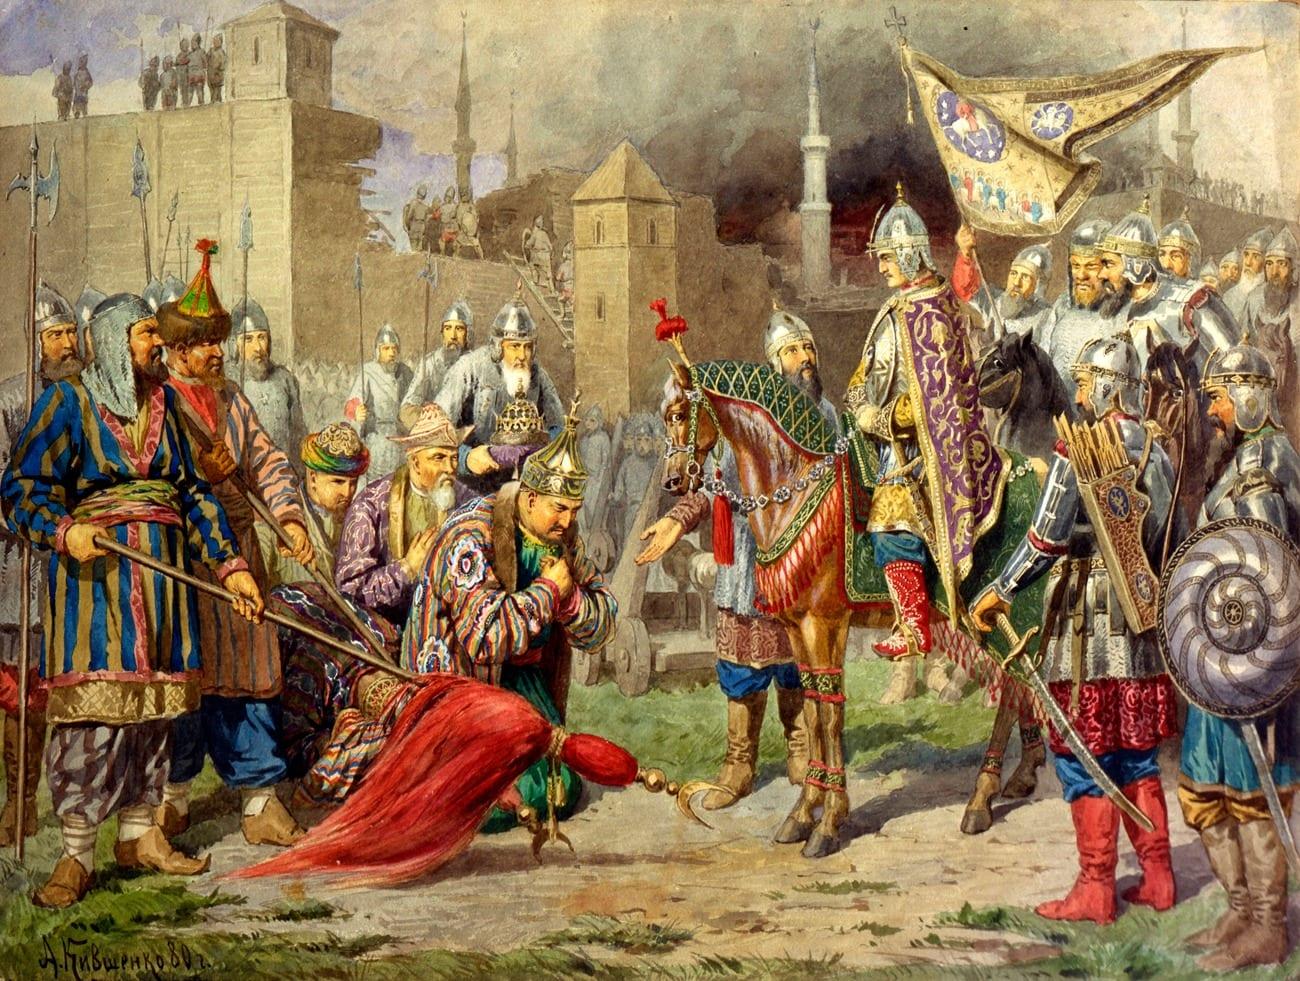 16 Ιανουαρίου 1547: Τσάρος Ιβάν ο τρομερός - Απόγονος Παλαιολόγων